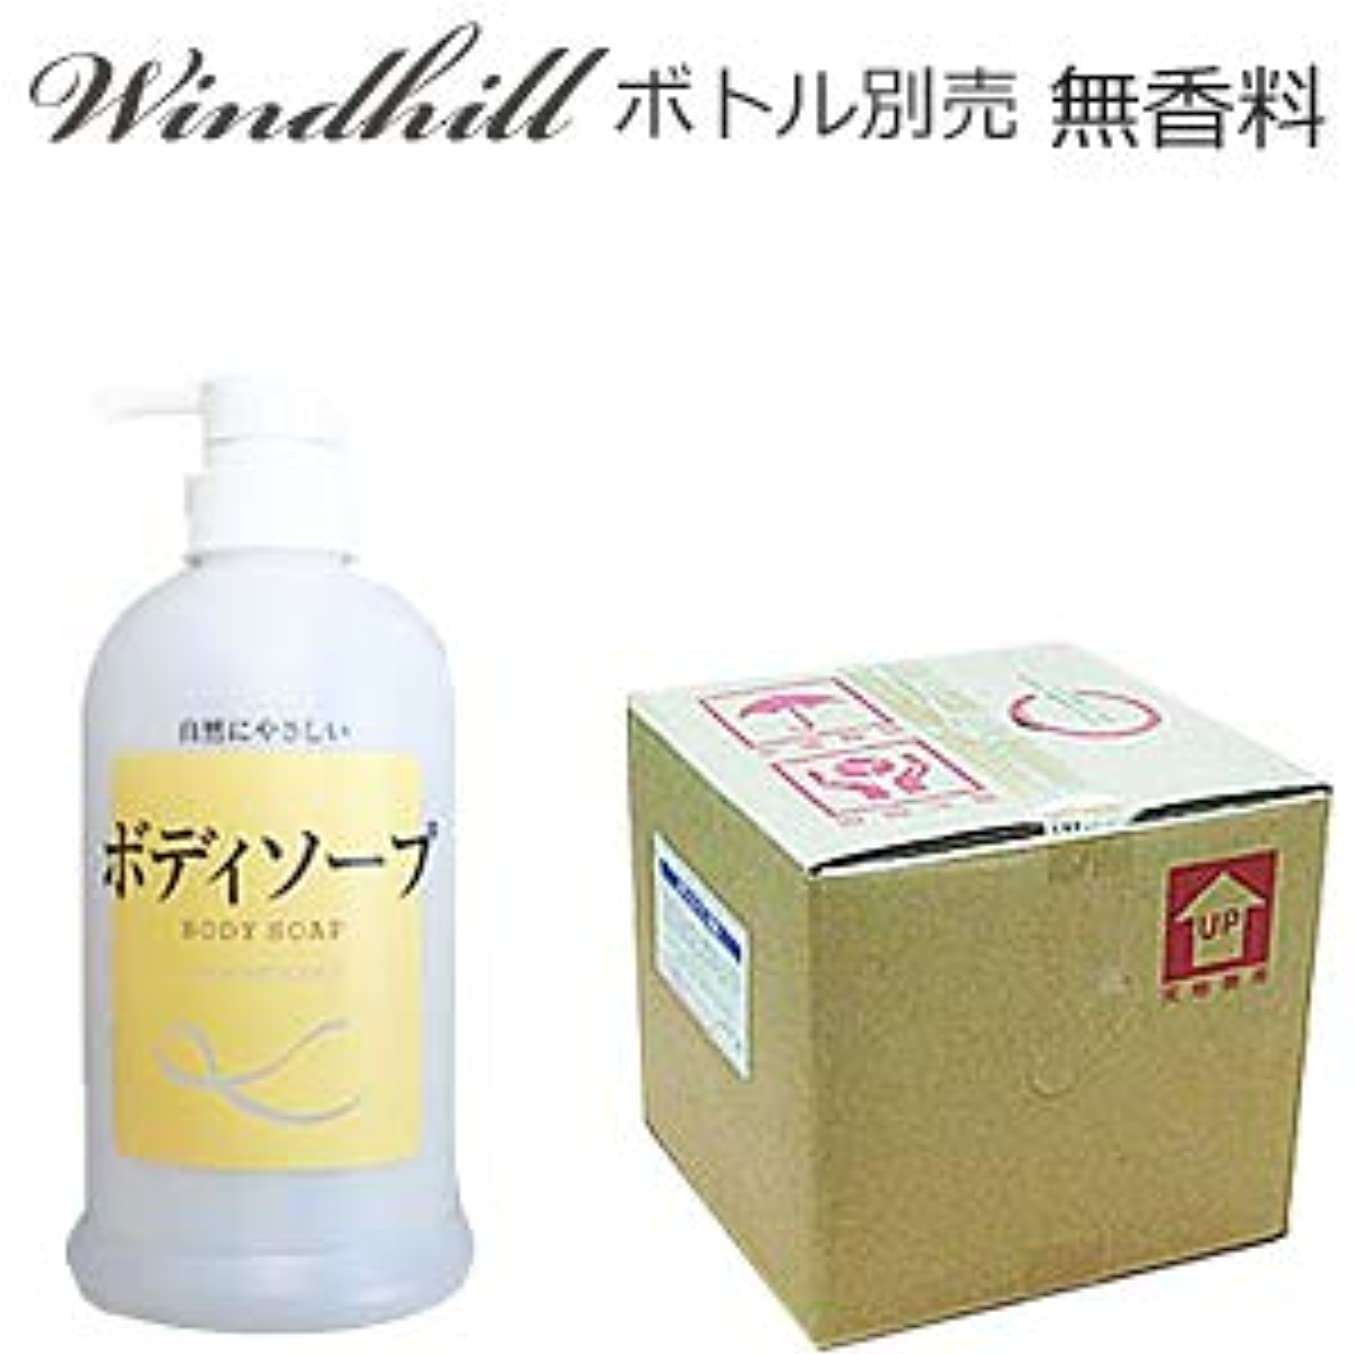 サイトライン痛み重力Windhill 植物性 業務用ボディソープ 無香料 20L(1セット20L入)